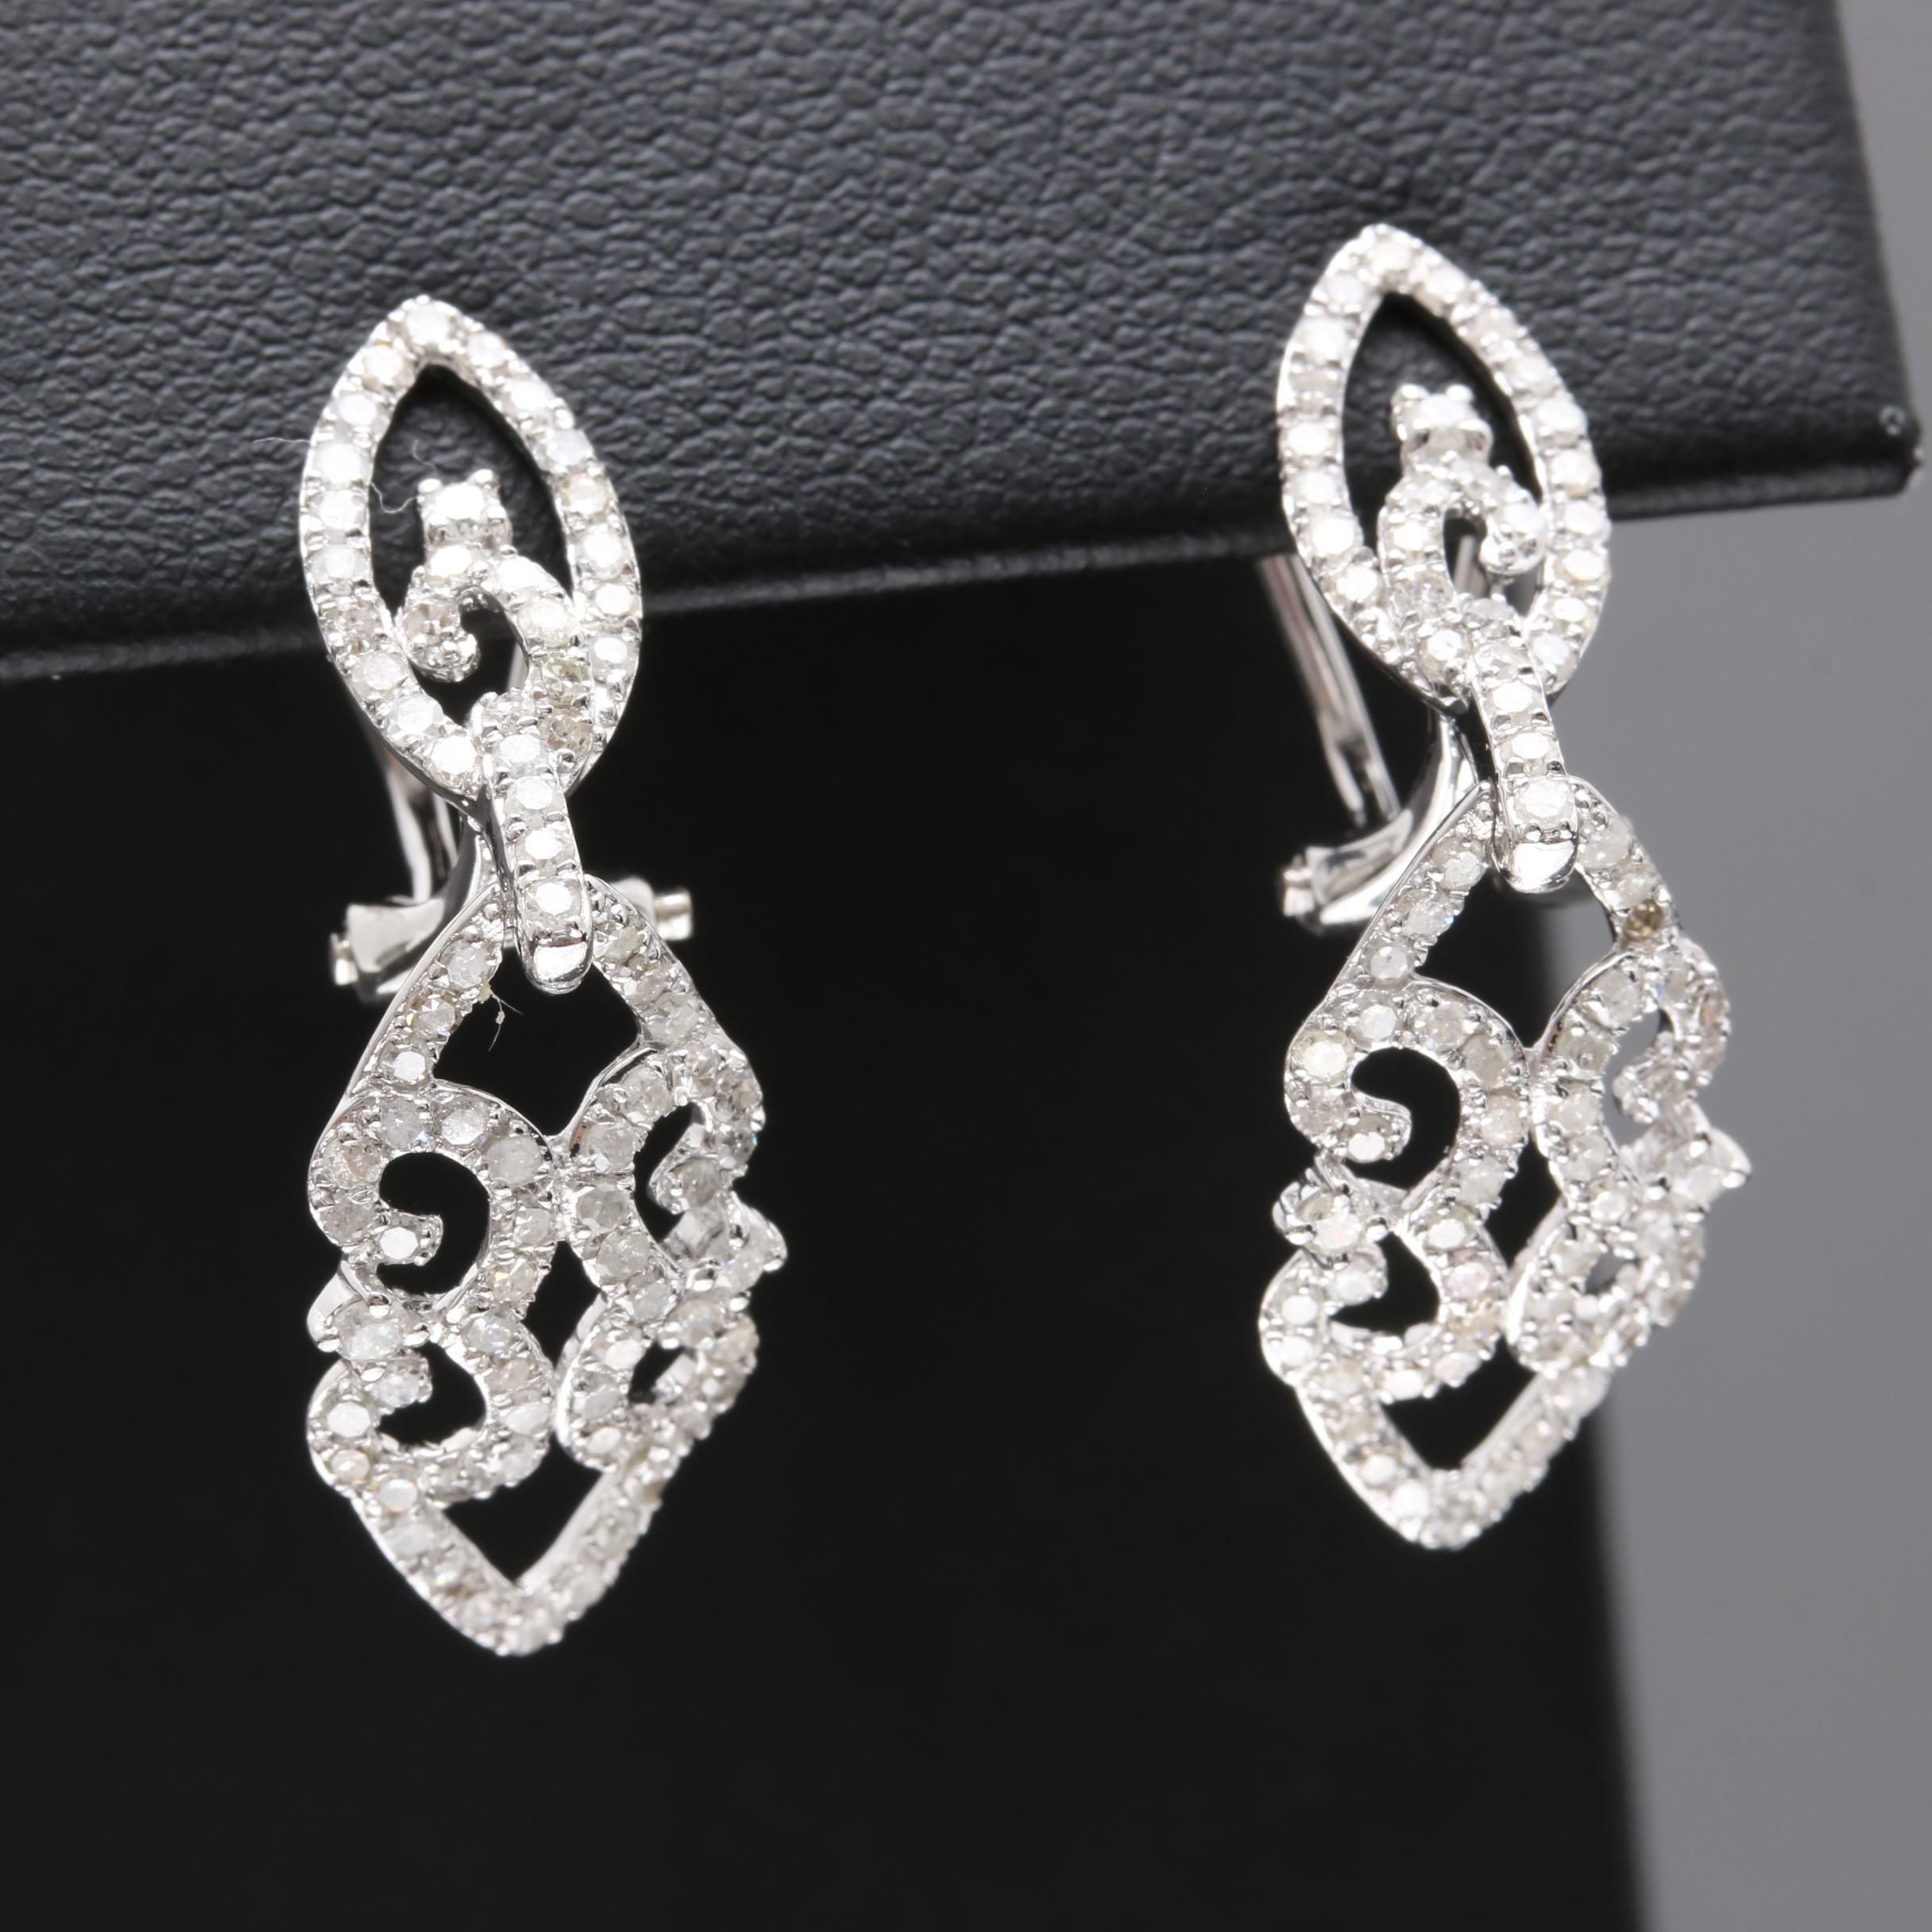 14K White Gold 0.98 CTW Diamond Earrings